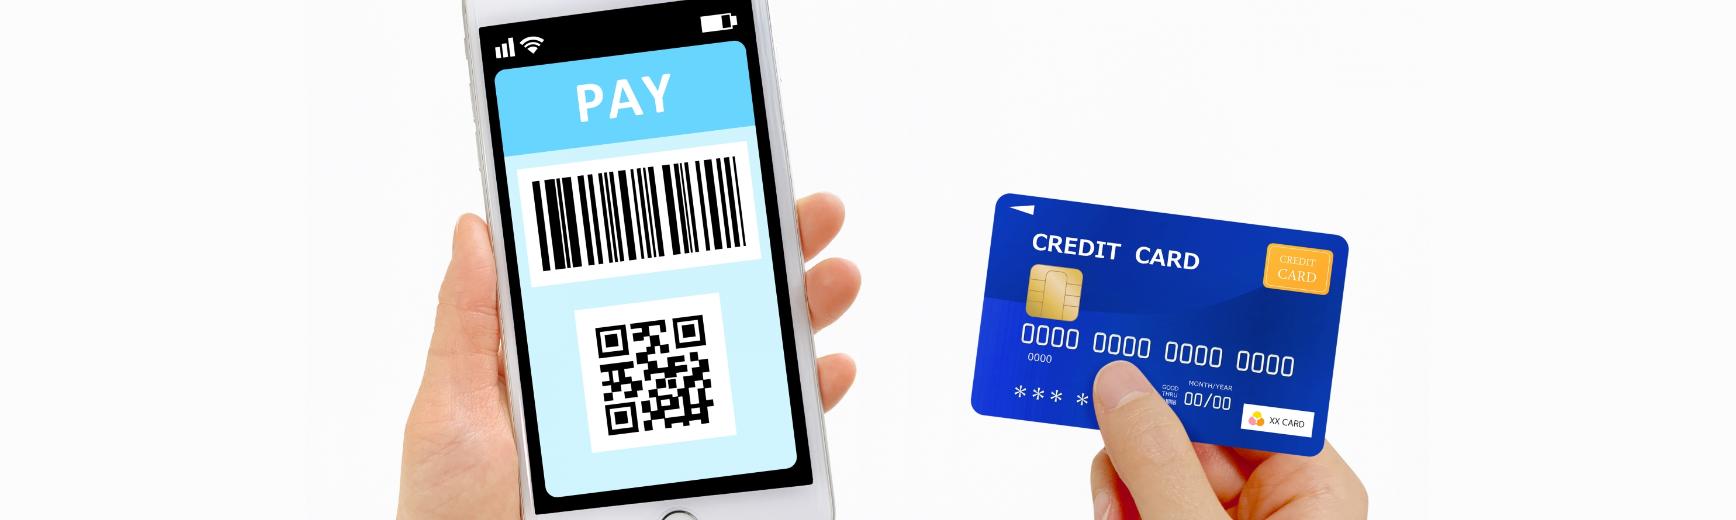 エコ薬局では、現金ならびに各種クレジットカード、バーコード決済、電子マネーなどの非接触決済でのお支払いが可能です